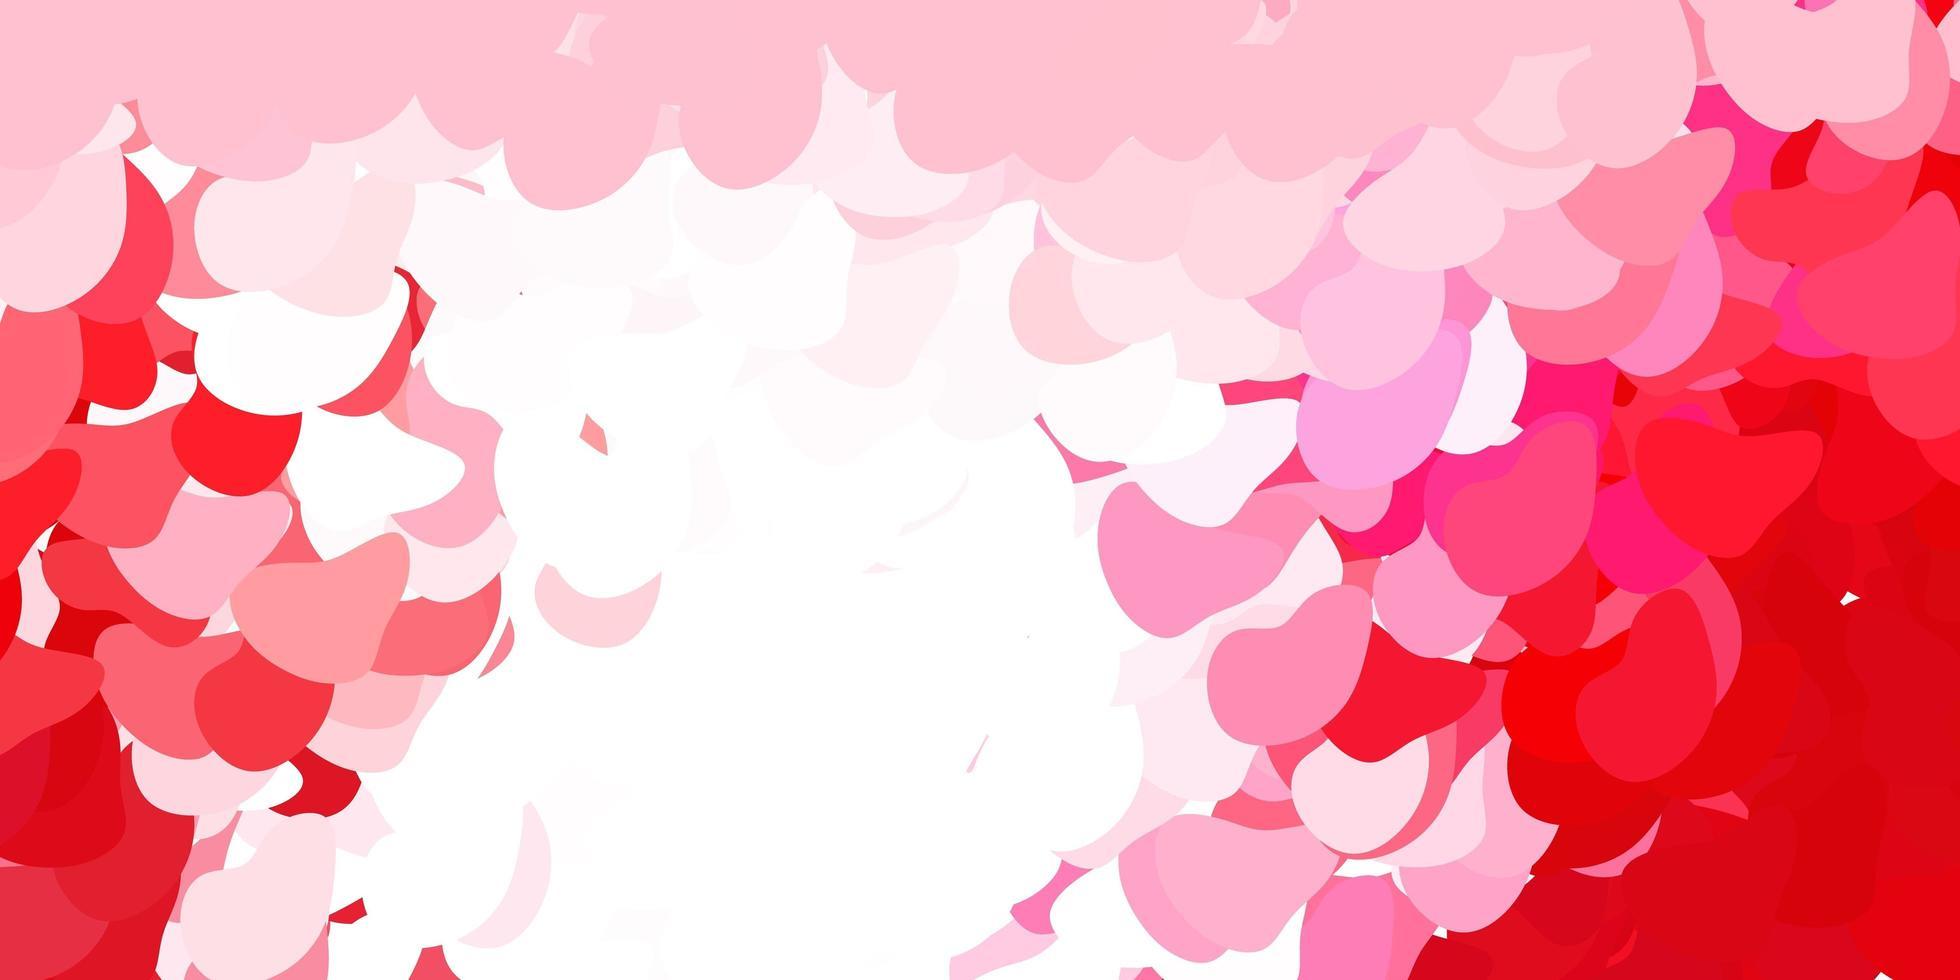 padrão de vetor rosa claro, vermelho com formas abstratas.